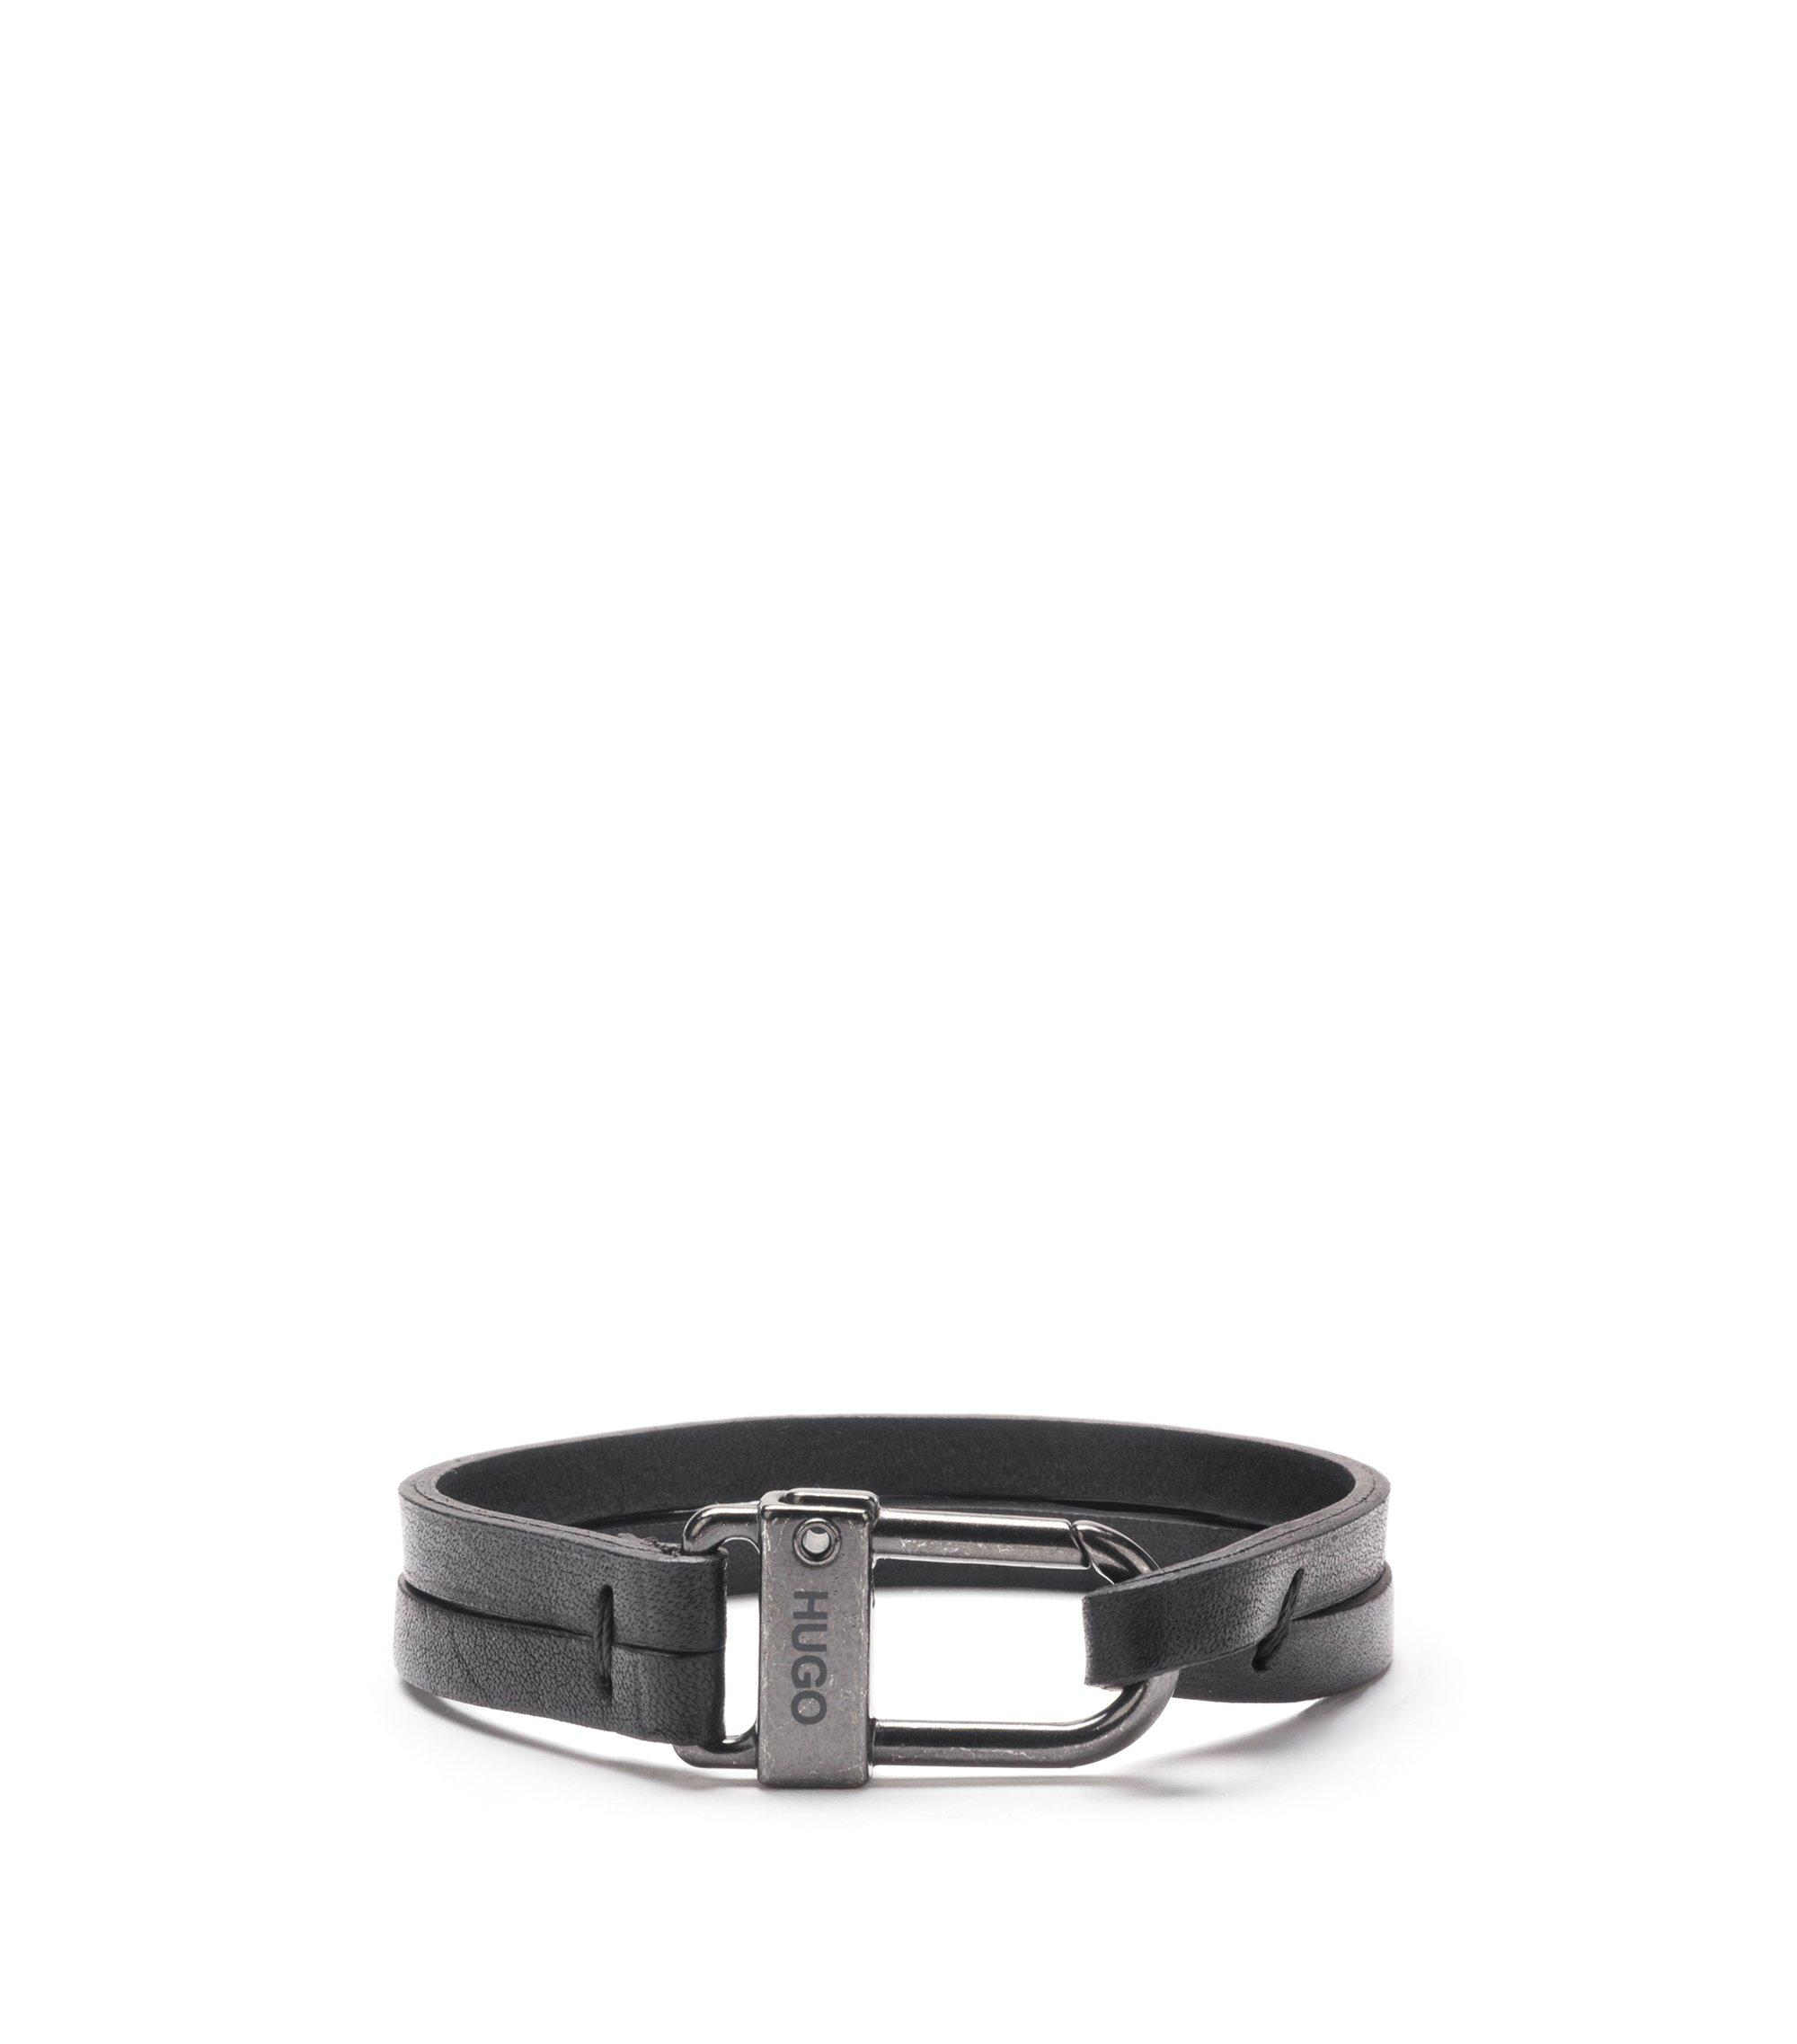 Armband aus italienischem Leder mit Karabinerverschluss, Schwarz